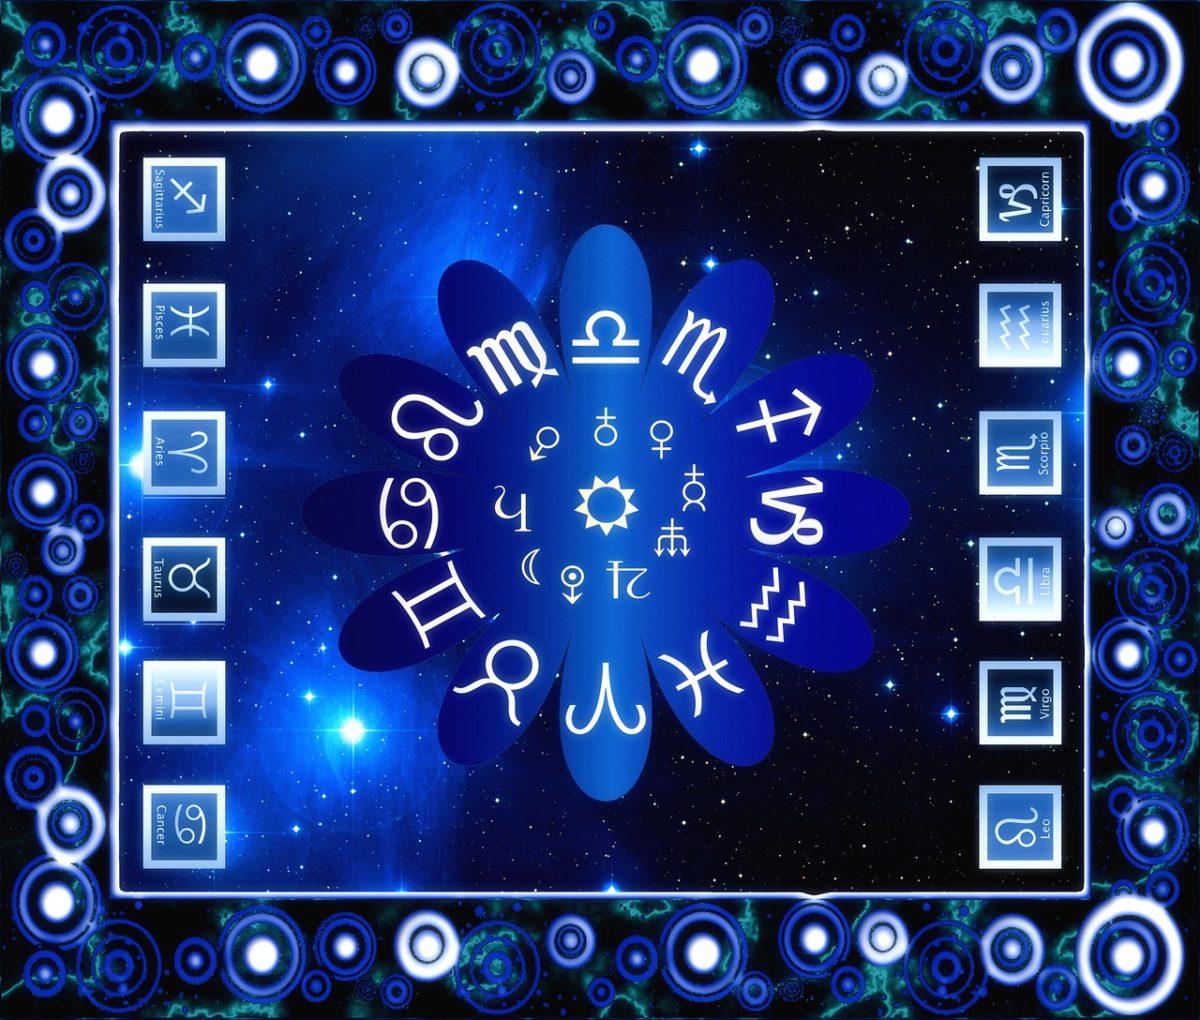 12 signes astrologiques